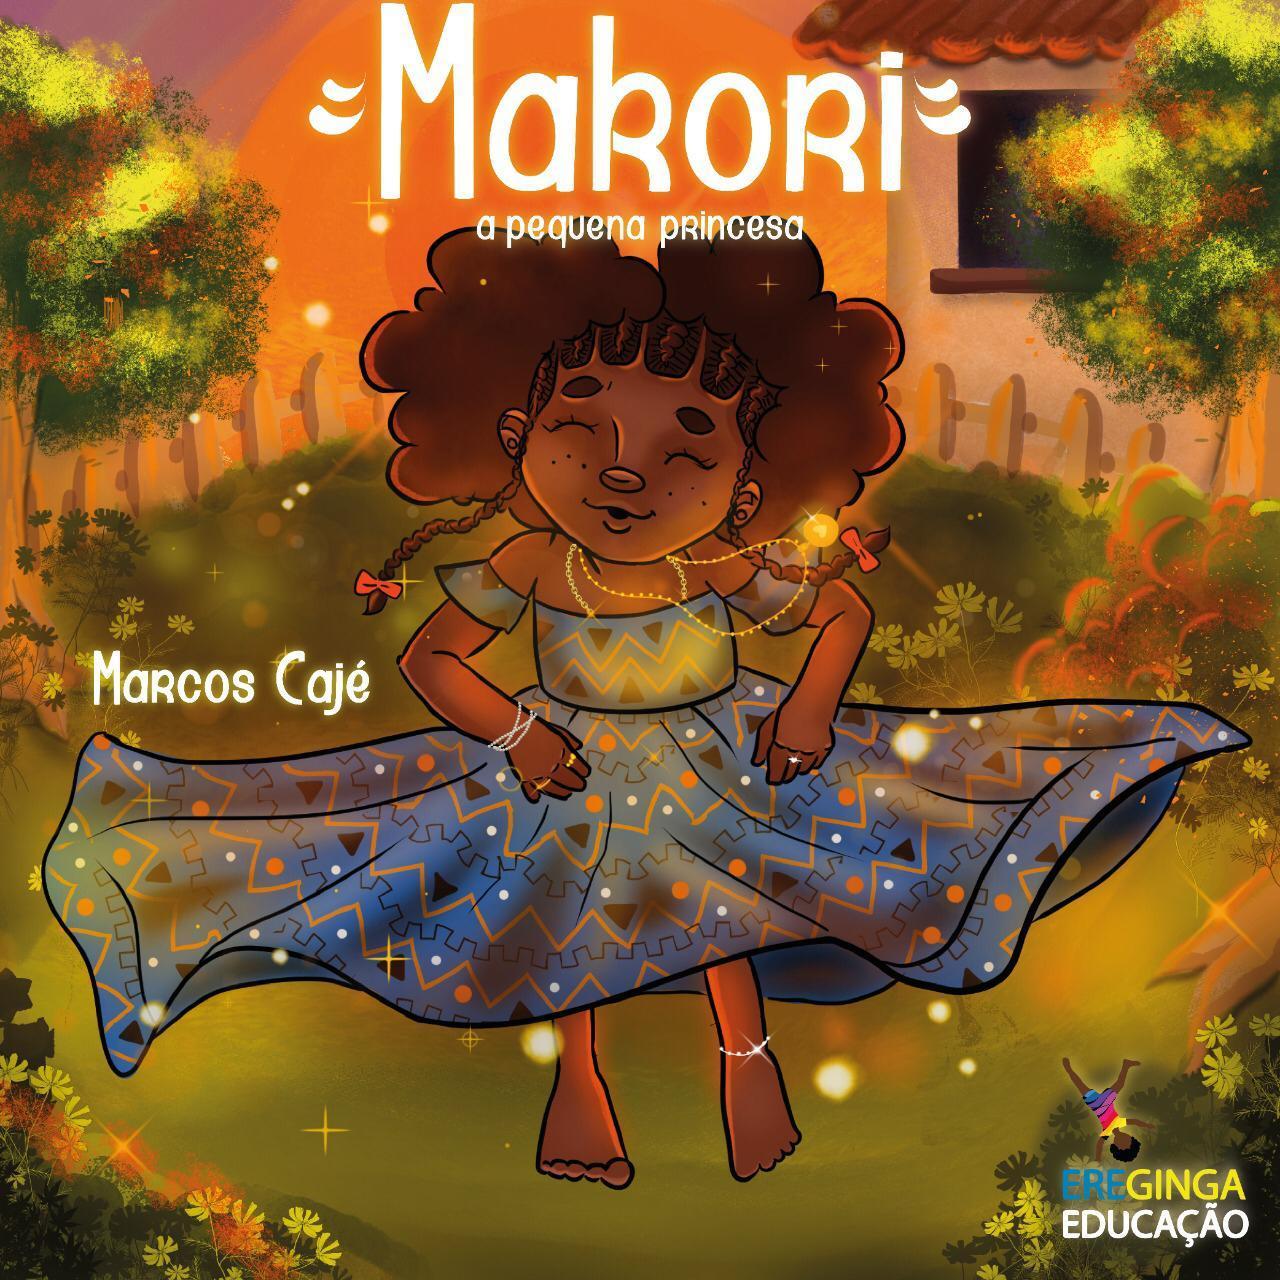 Makori: a pequena princesa